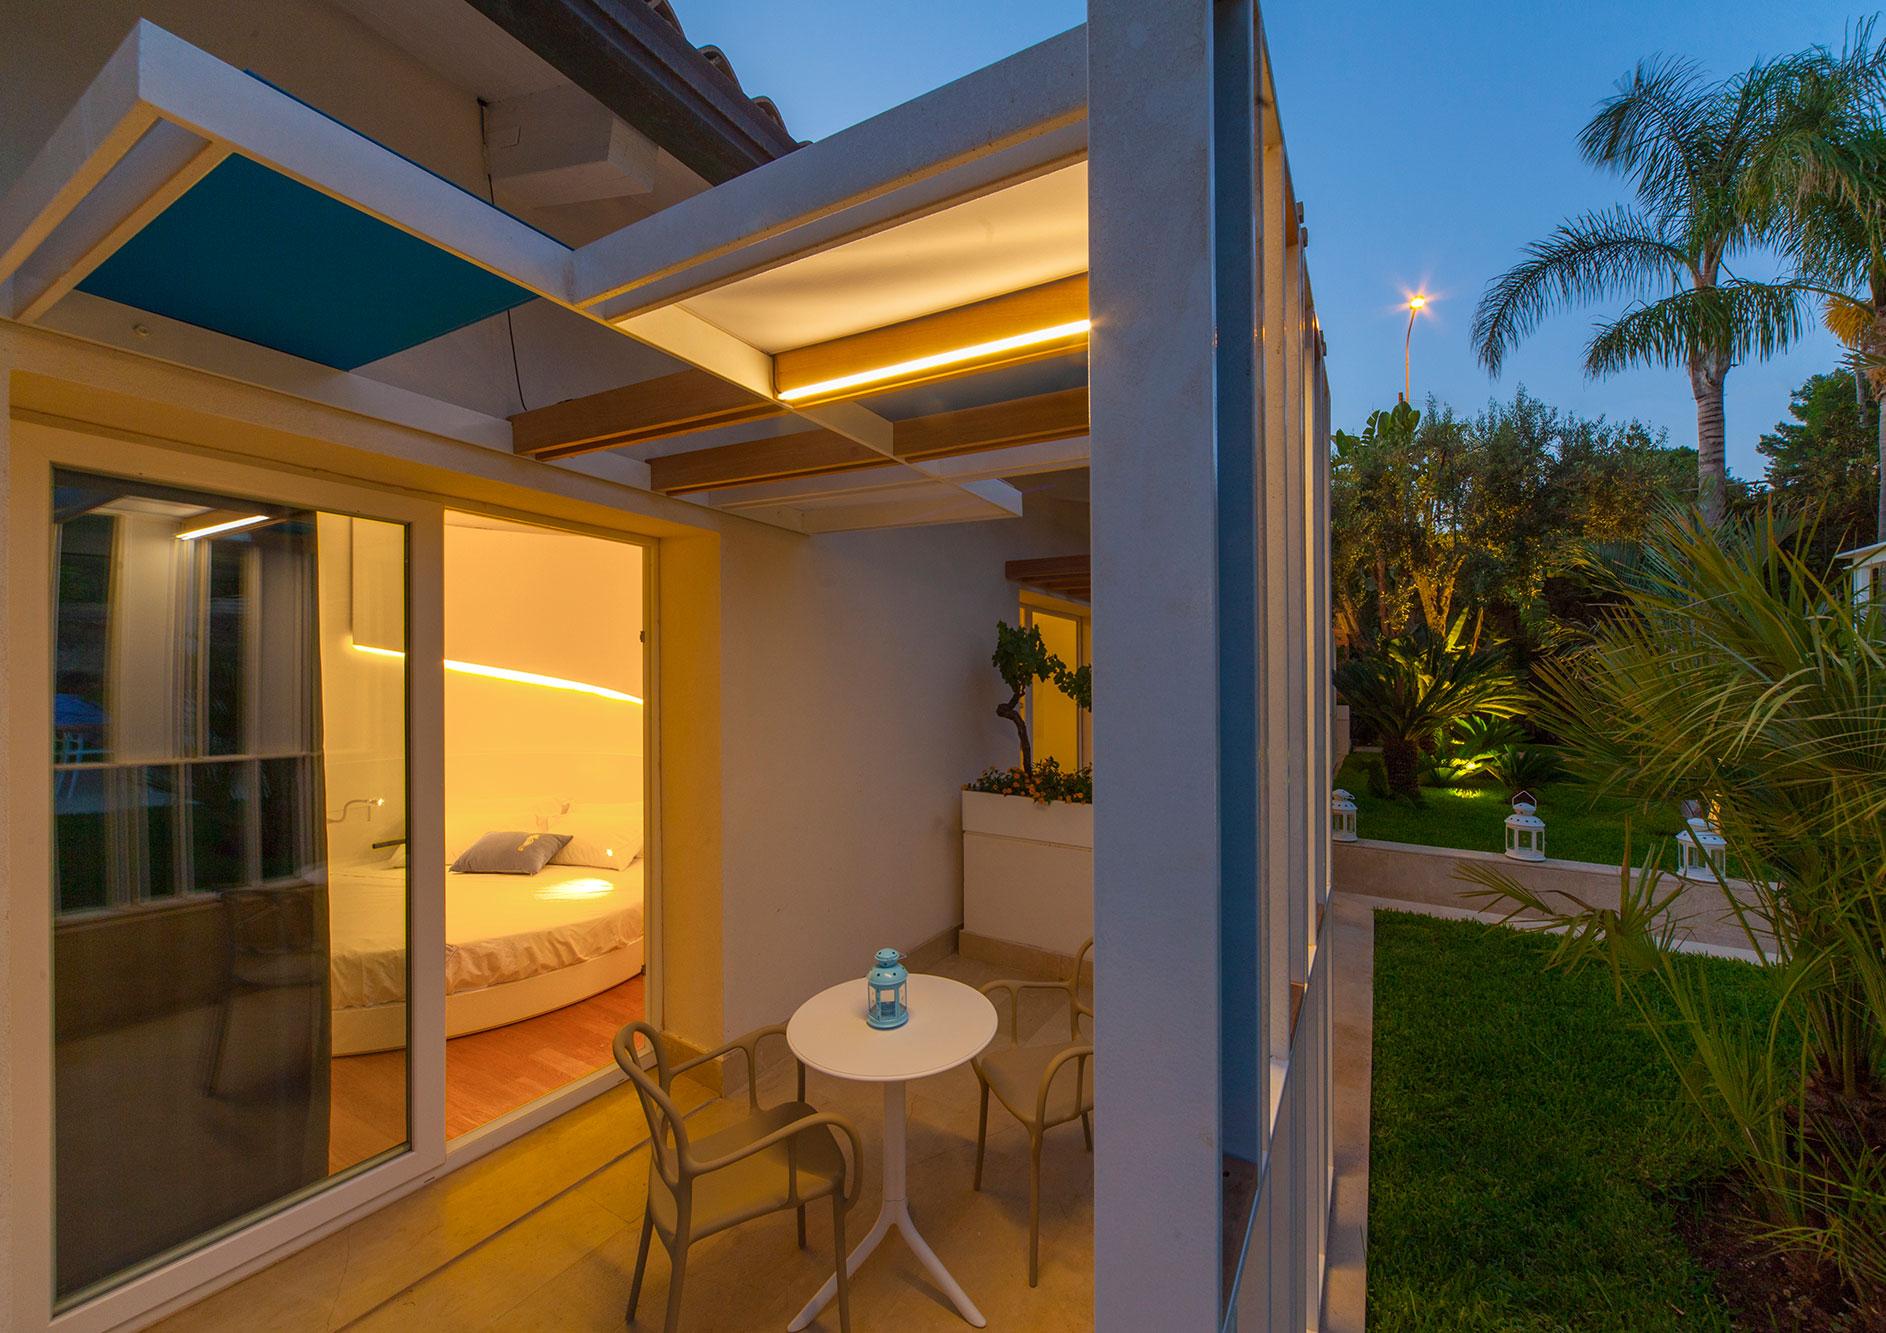 standard-con-terrazzo-vista-giardino-3